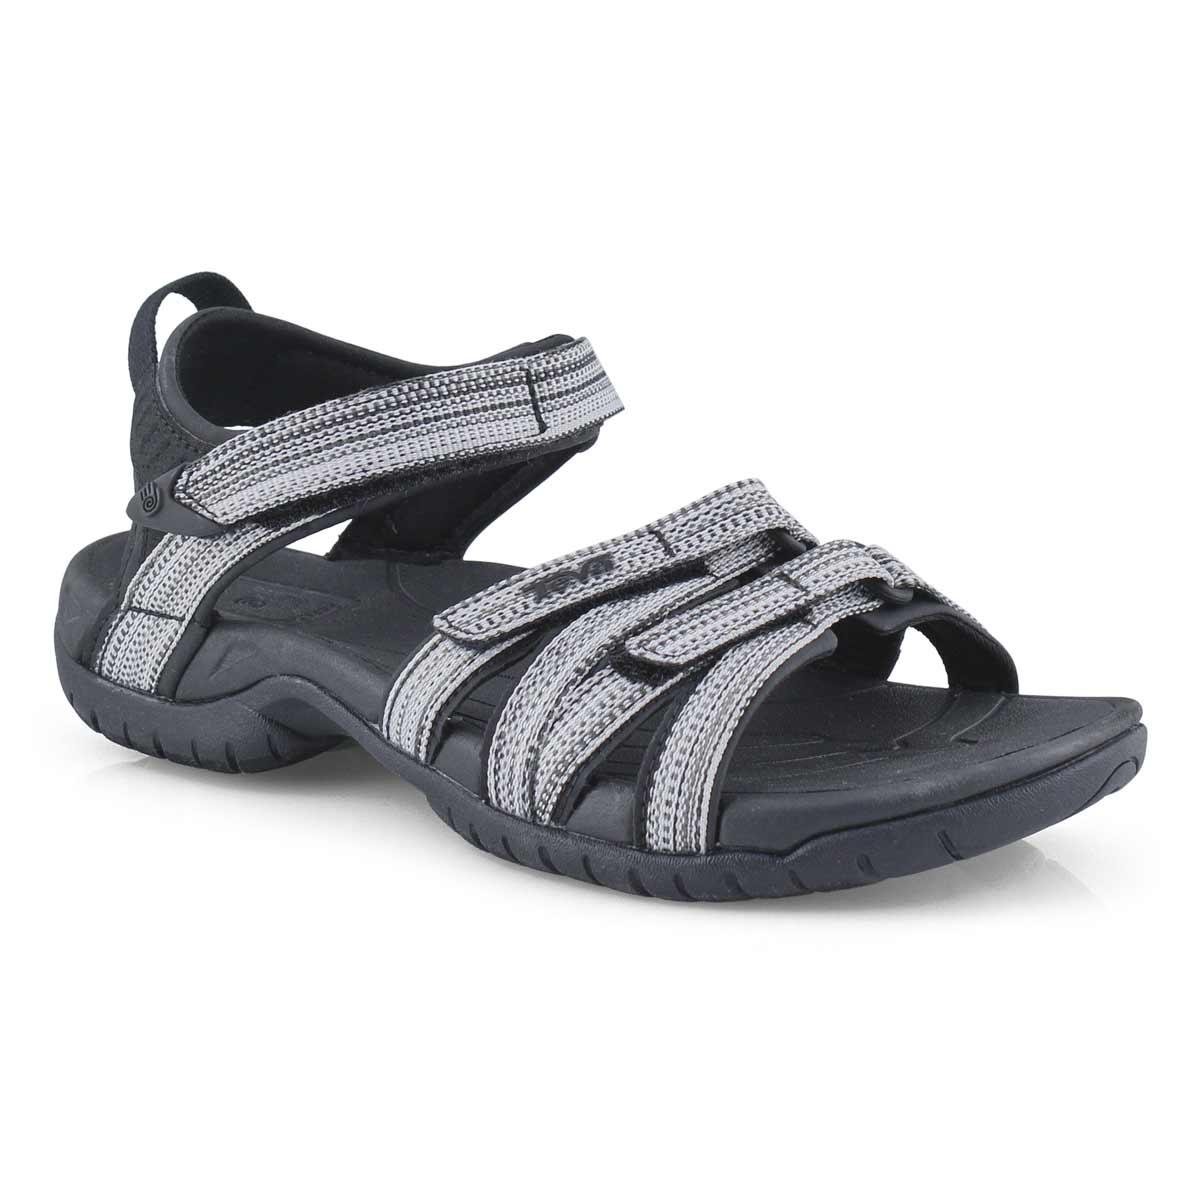 Lds Tirra black/white sport sandal